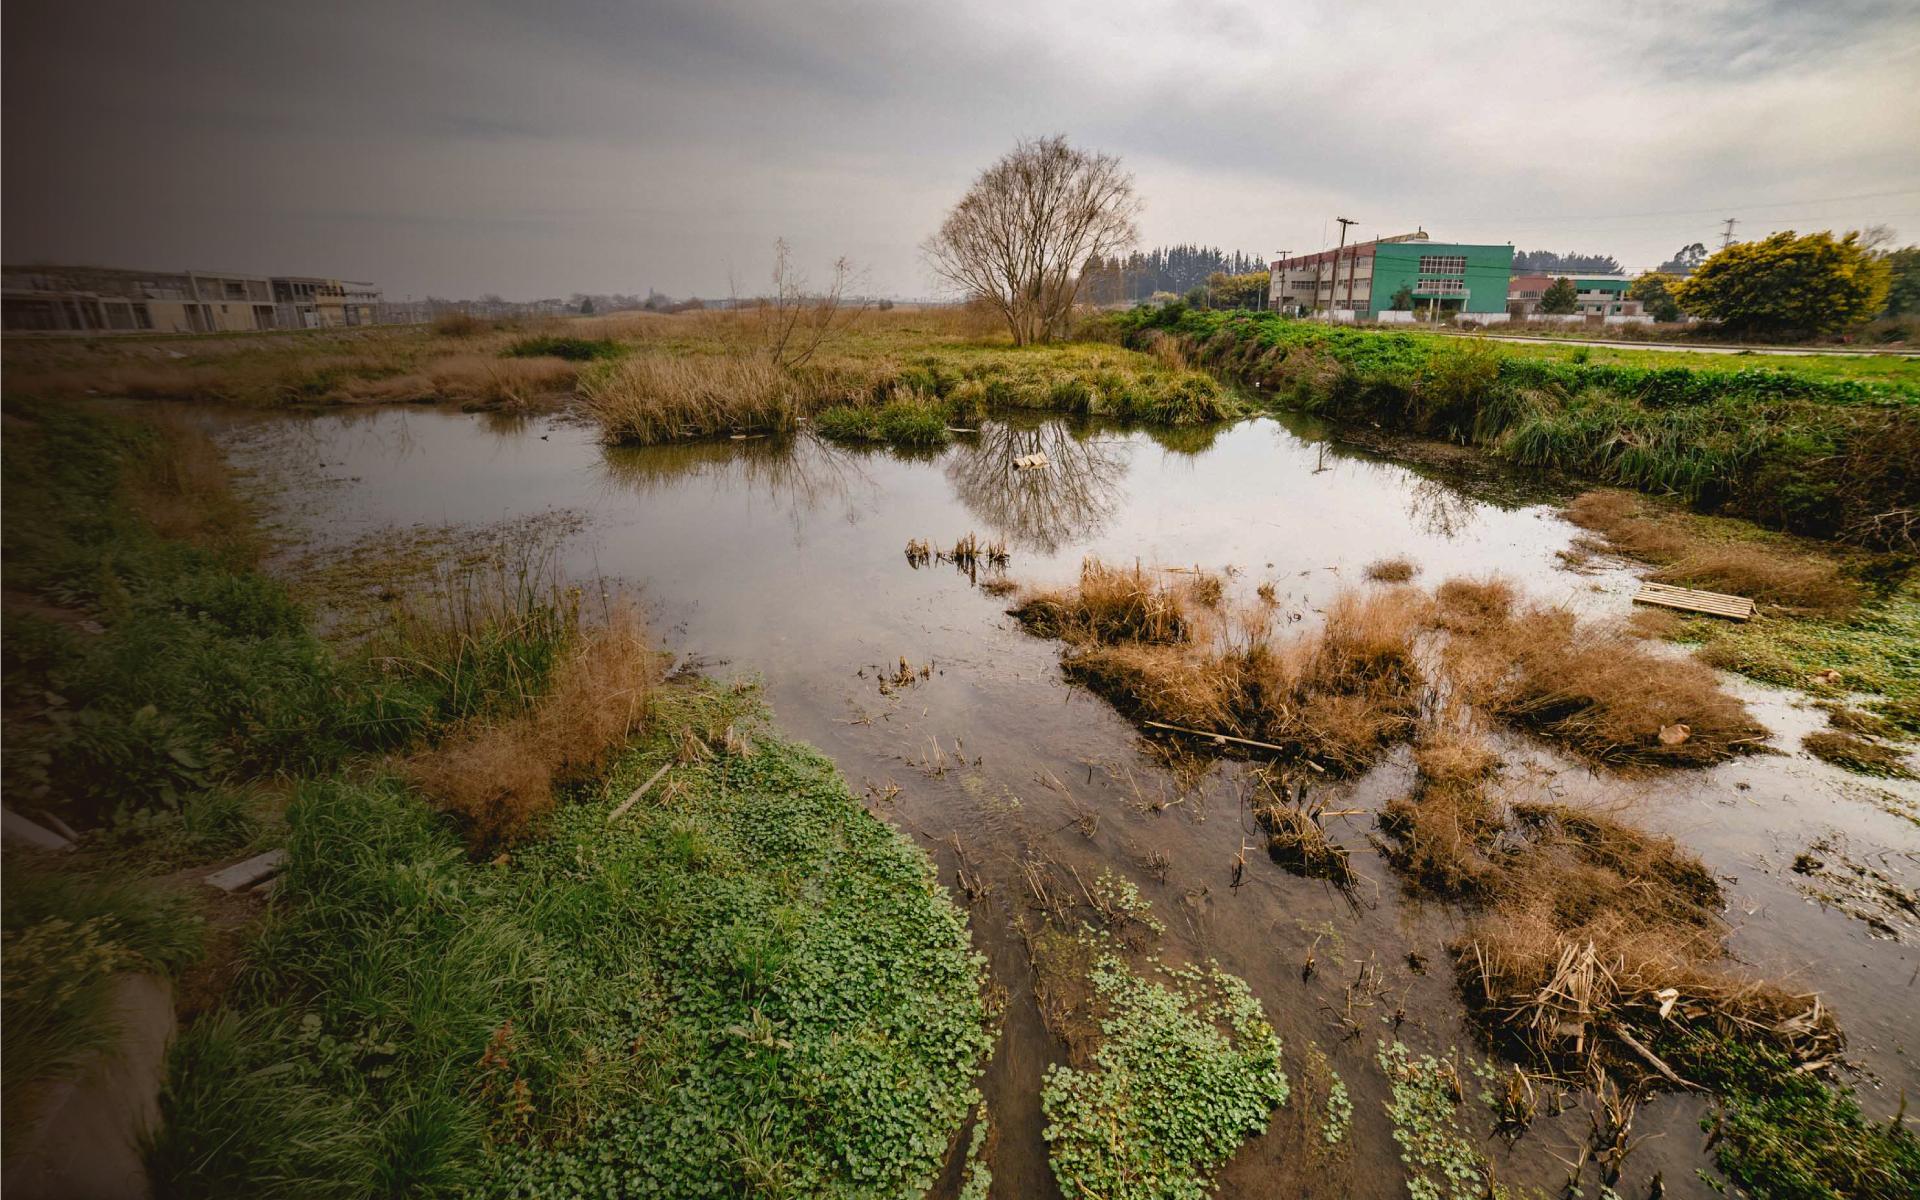 Cuidamos los humedales urbanos,</br>pero ensuciamos el agua que reciben